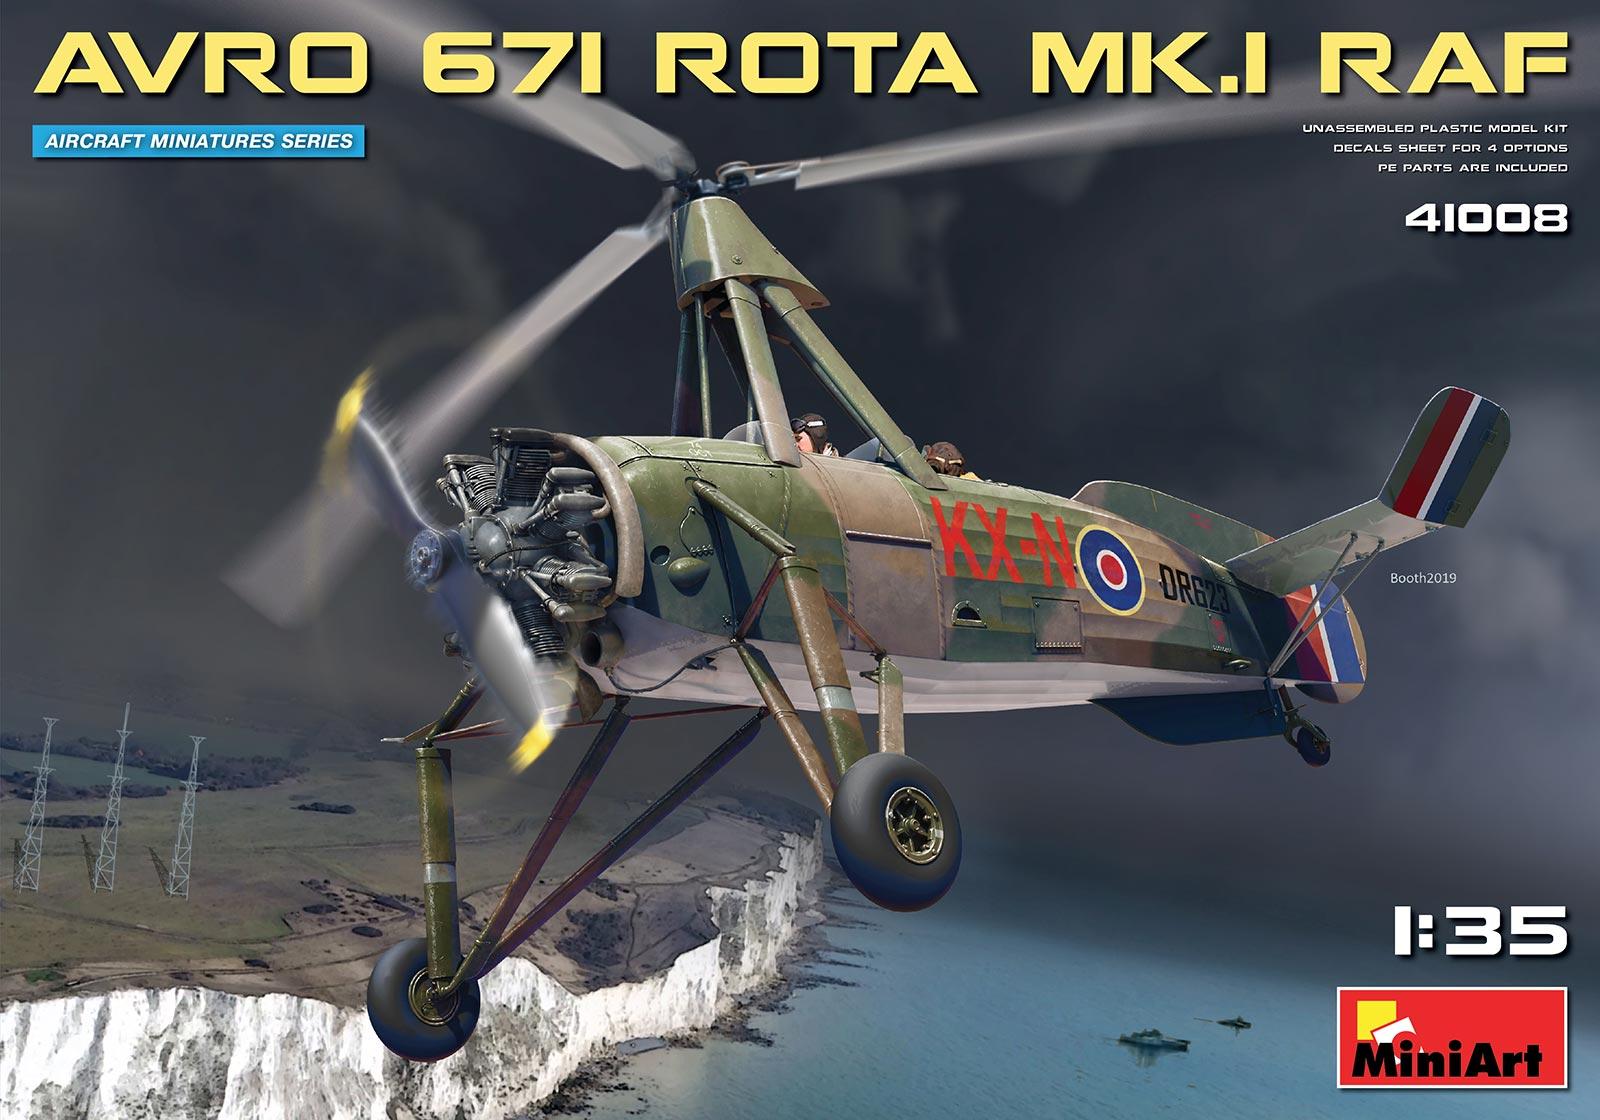 1/35 AVRO 671 ROTA MK.I RAF 41008